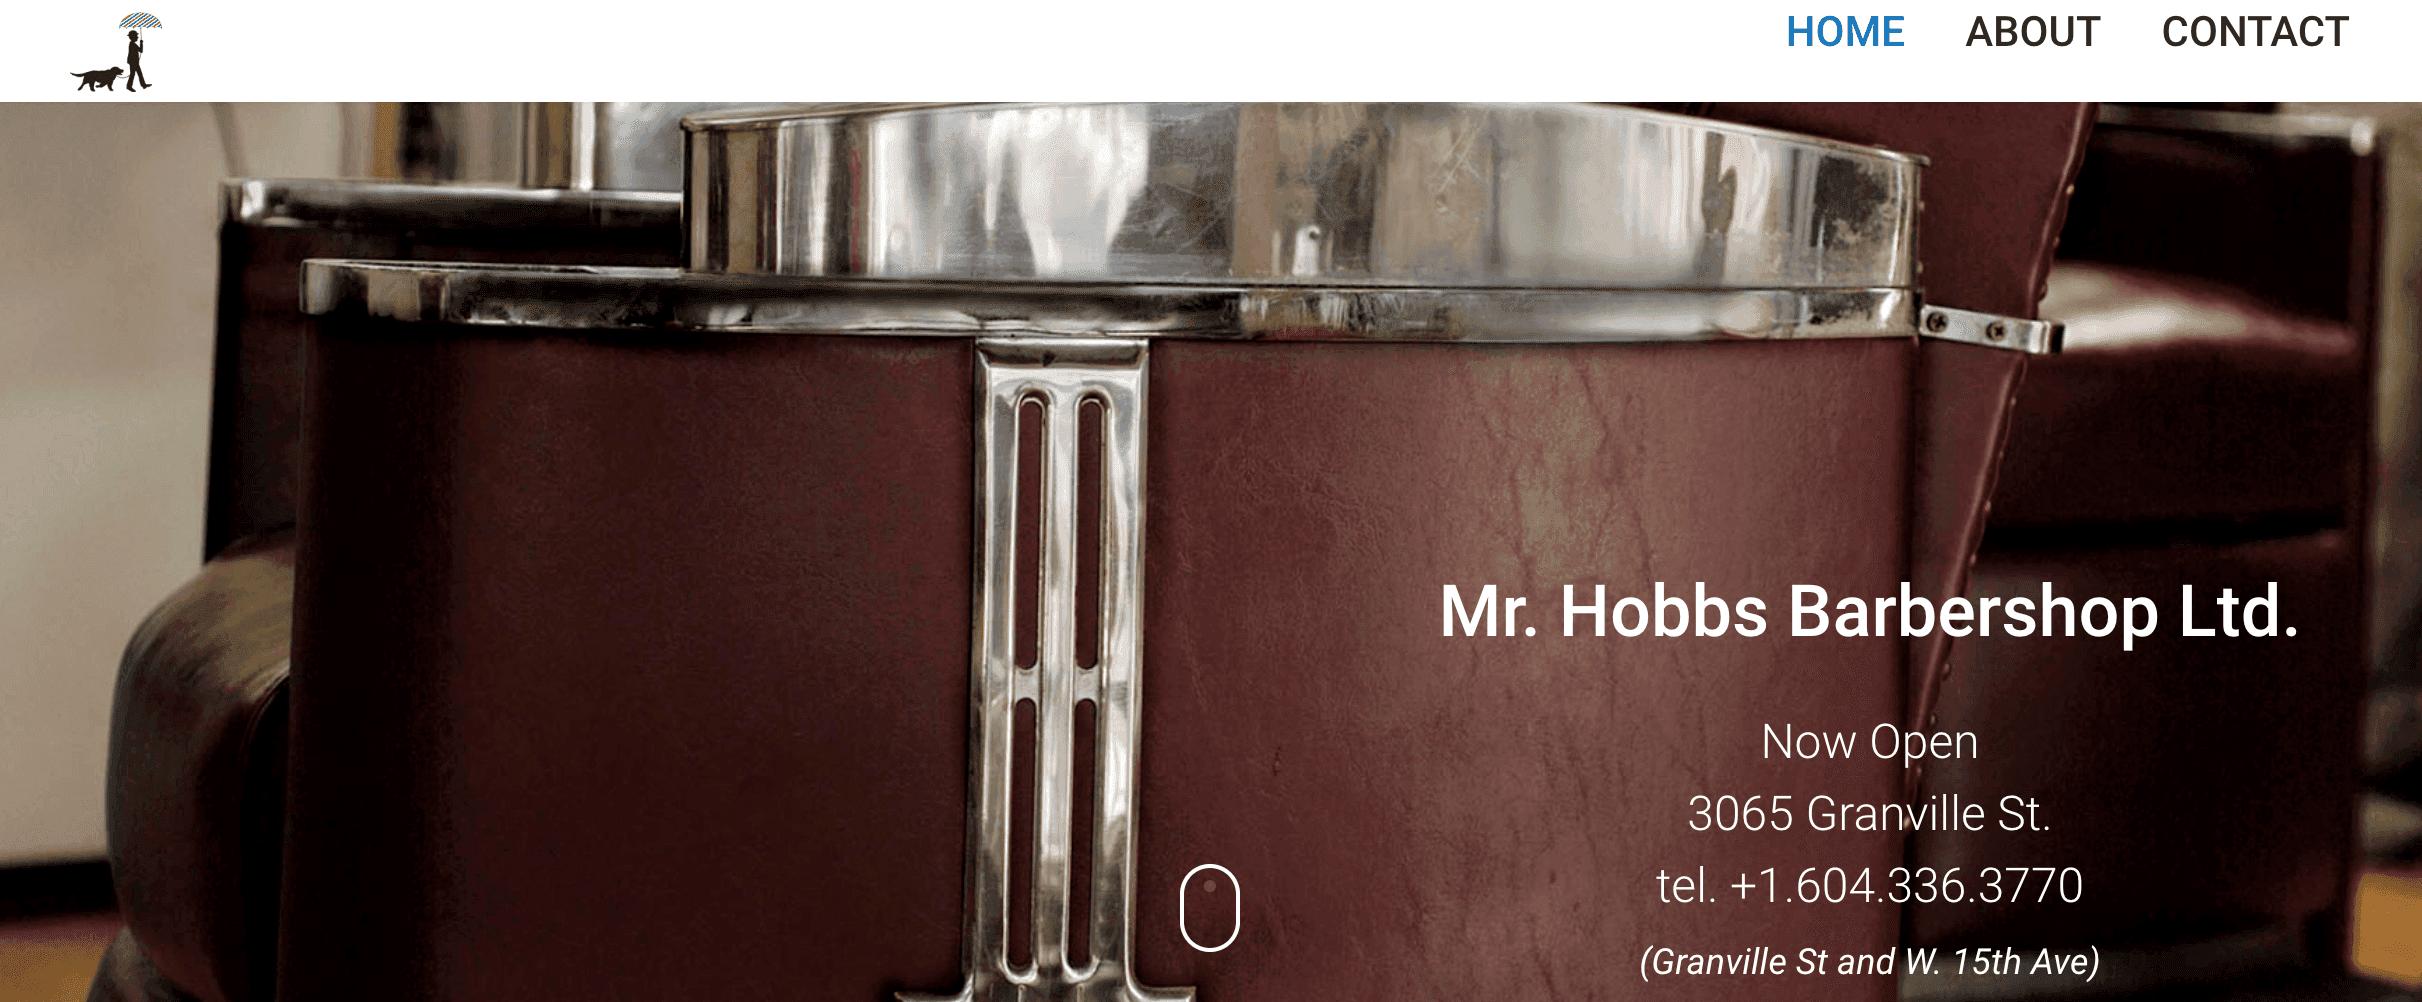 Mr Hobbs Barbershop